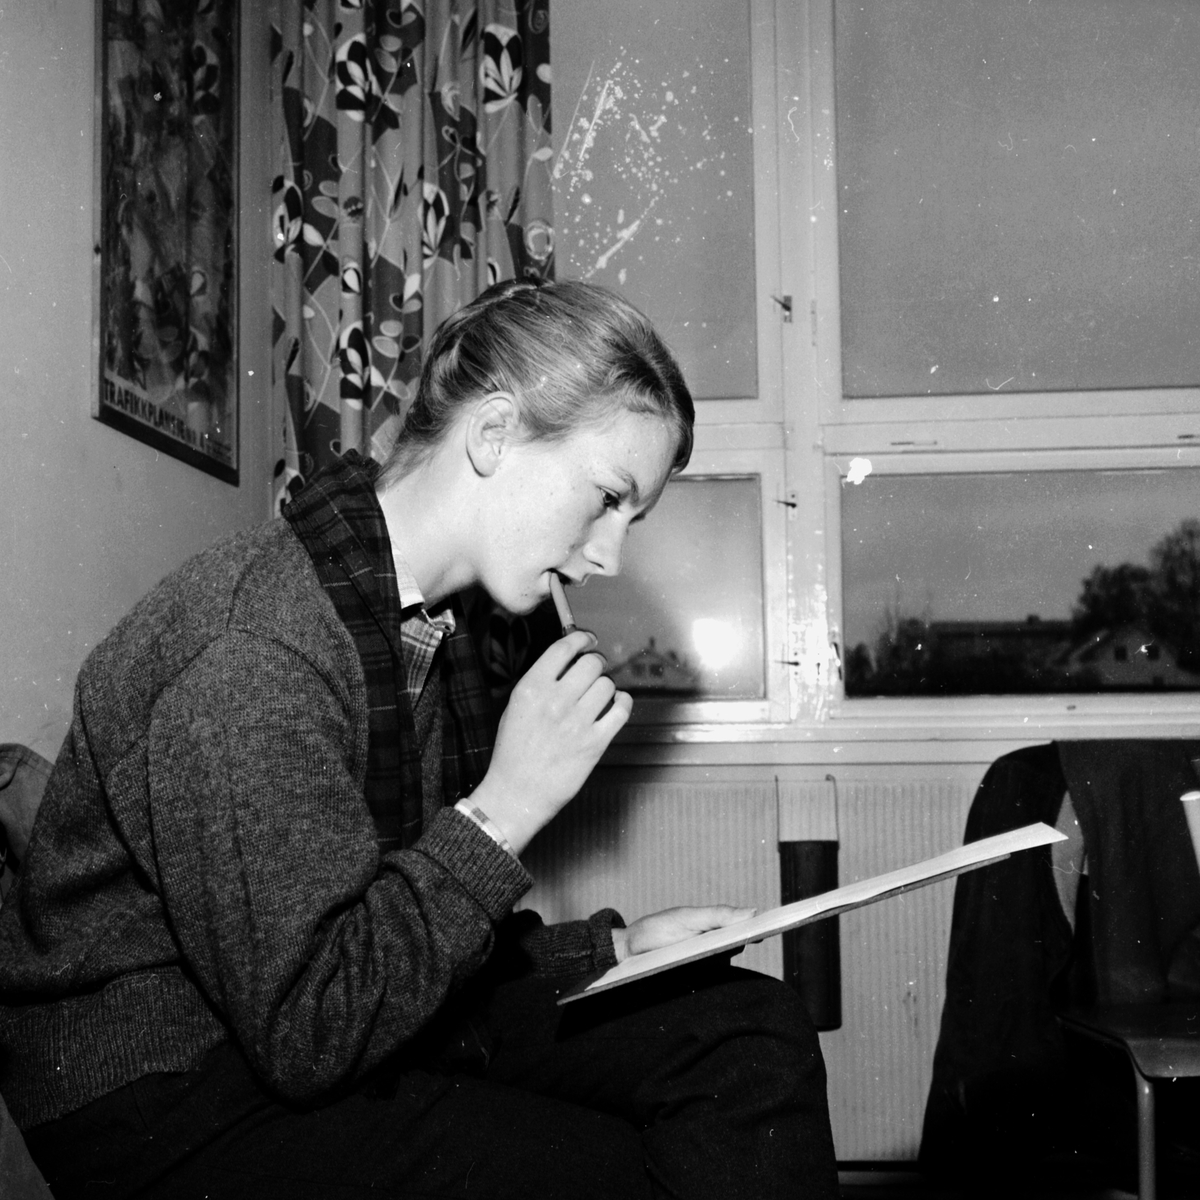 INGER JOHANNE JØRPELAND STUDERER OPPGAVENE UNDER FØRERPRØVEN HOS STATENS BILSAKKYNDIGE I HAMAR. (HS 31. OKTOBER 1959) STED:BILTILSYNET KOMMUNE:HAMAR DATO:??. 10. 1959 FOTO:EGIL M. KRISTIANSEN